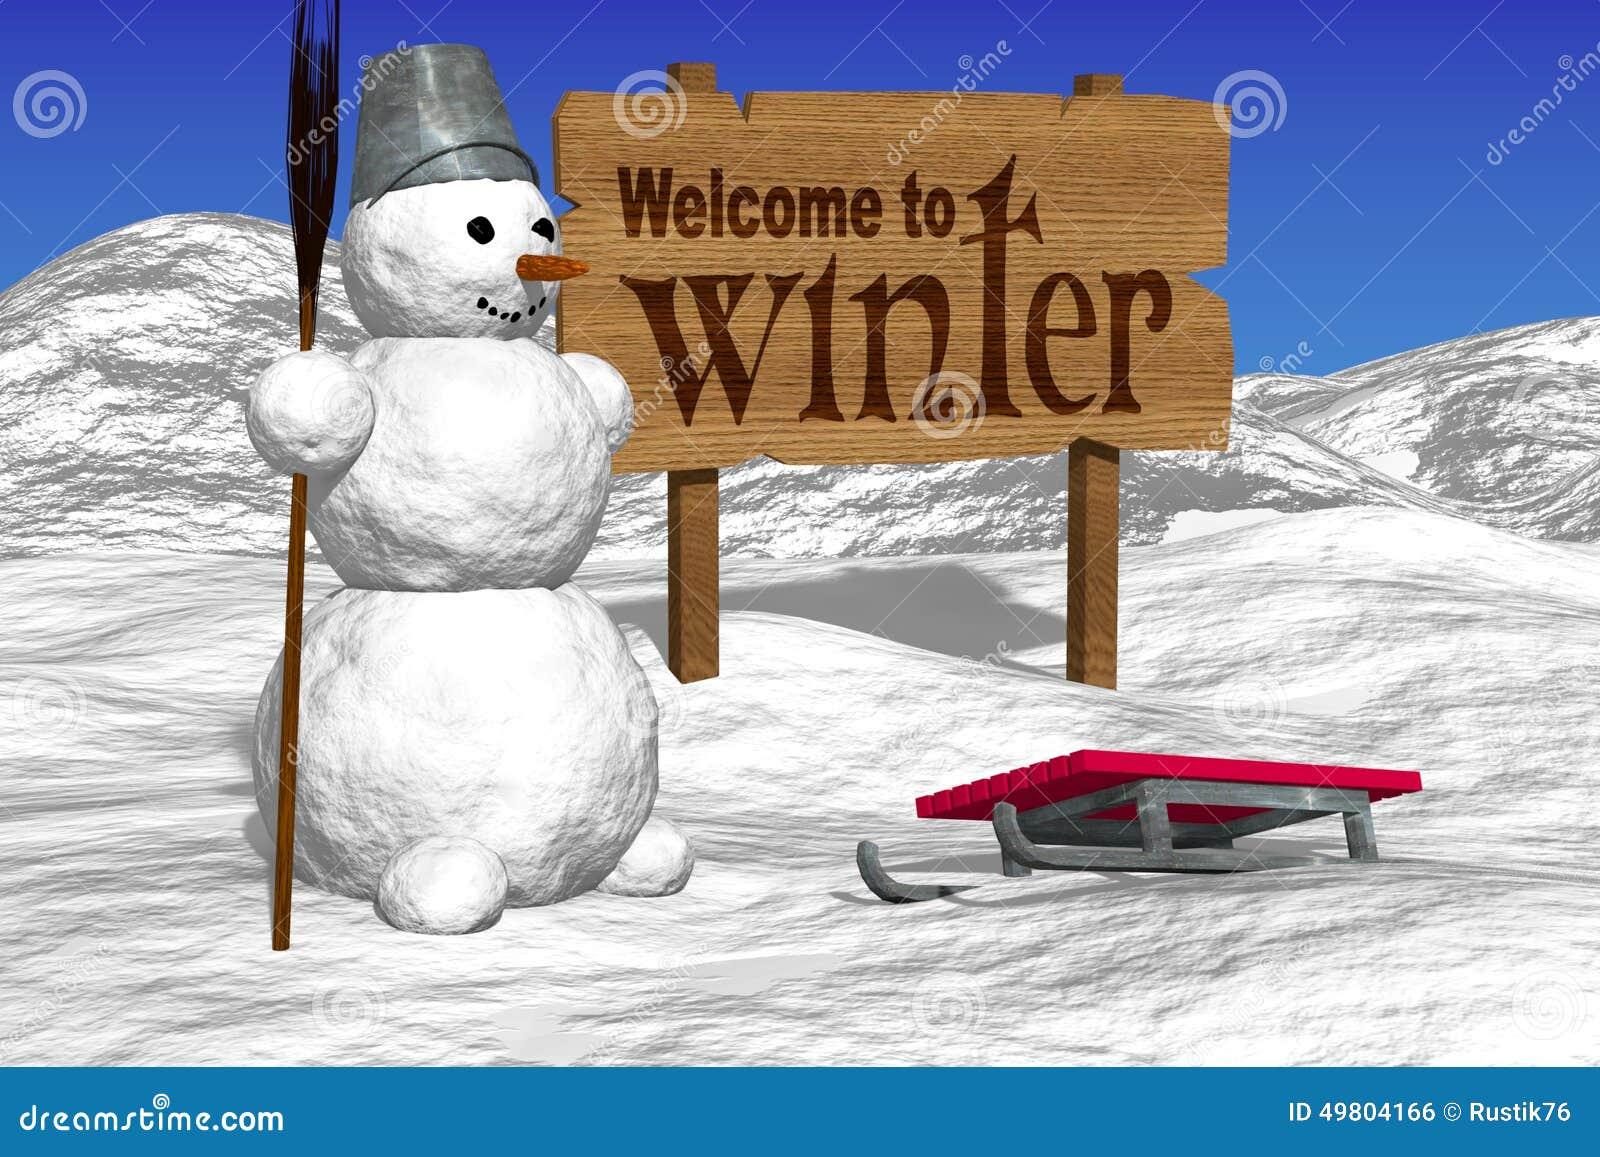 Bonhomme de neige et conseils saluant Accueil à l hiver